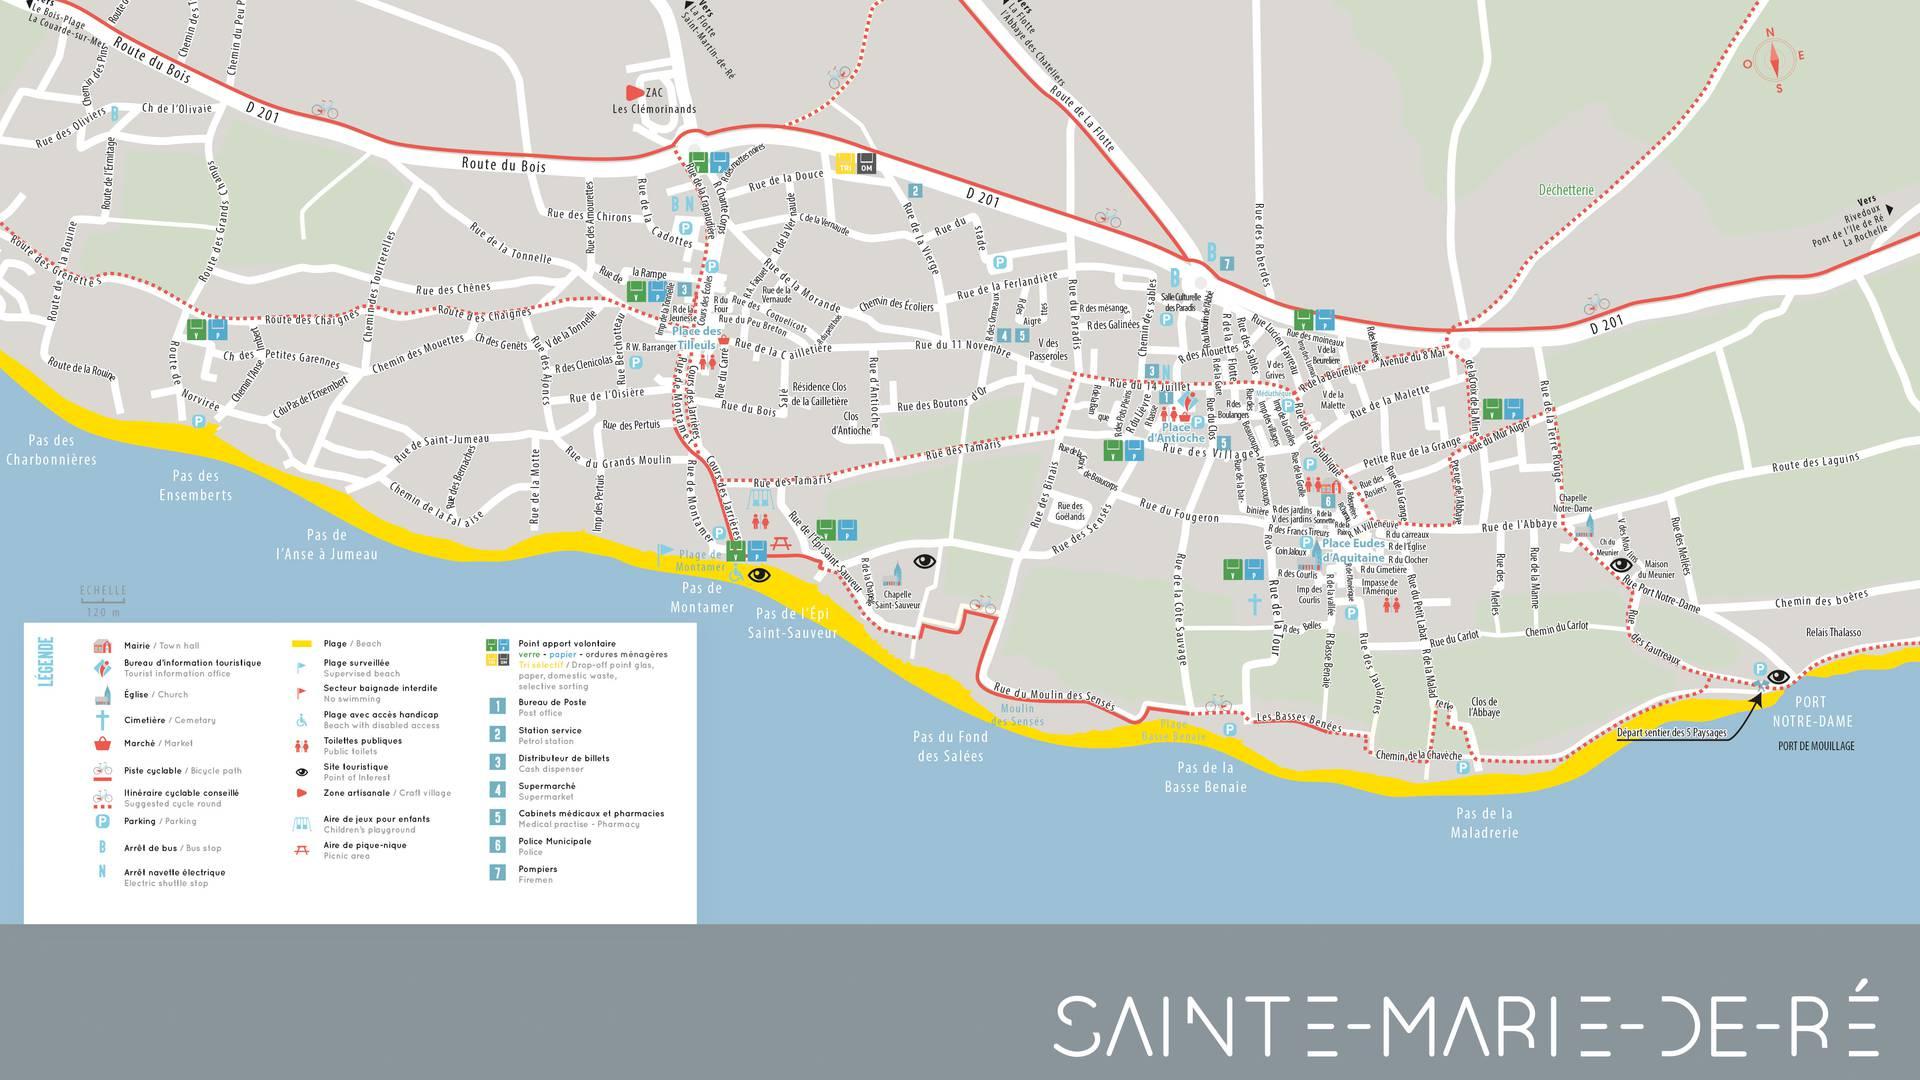 Plan île de Ré, village Sainte-Marie-de-Ré